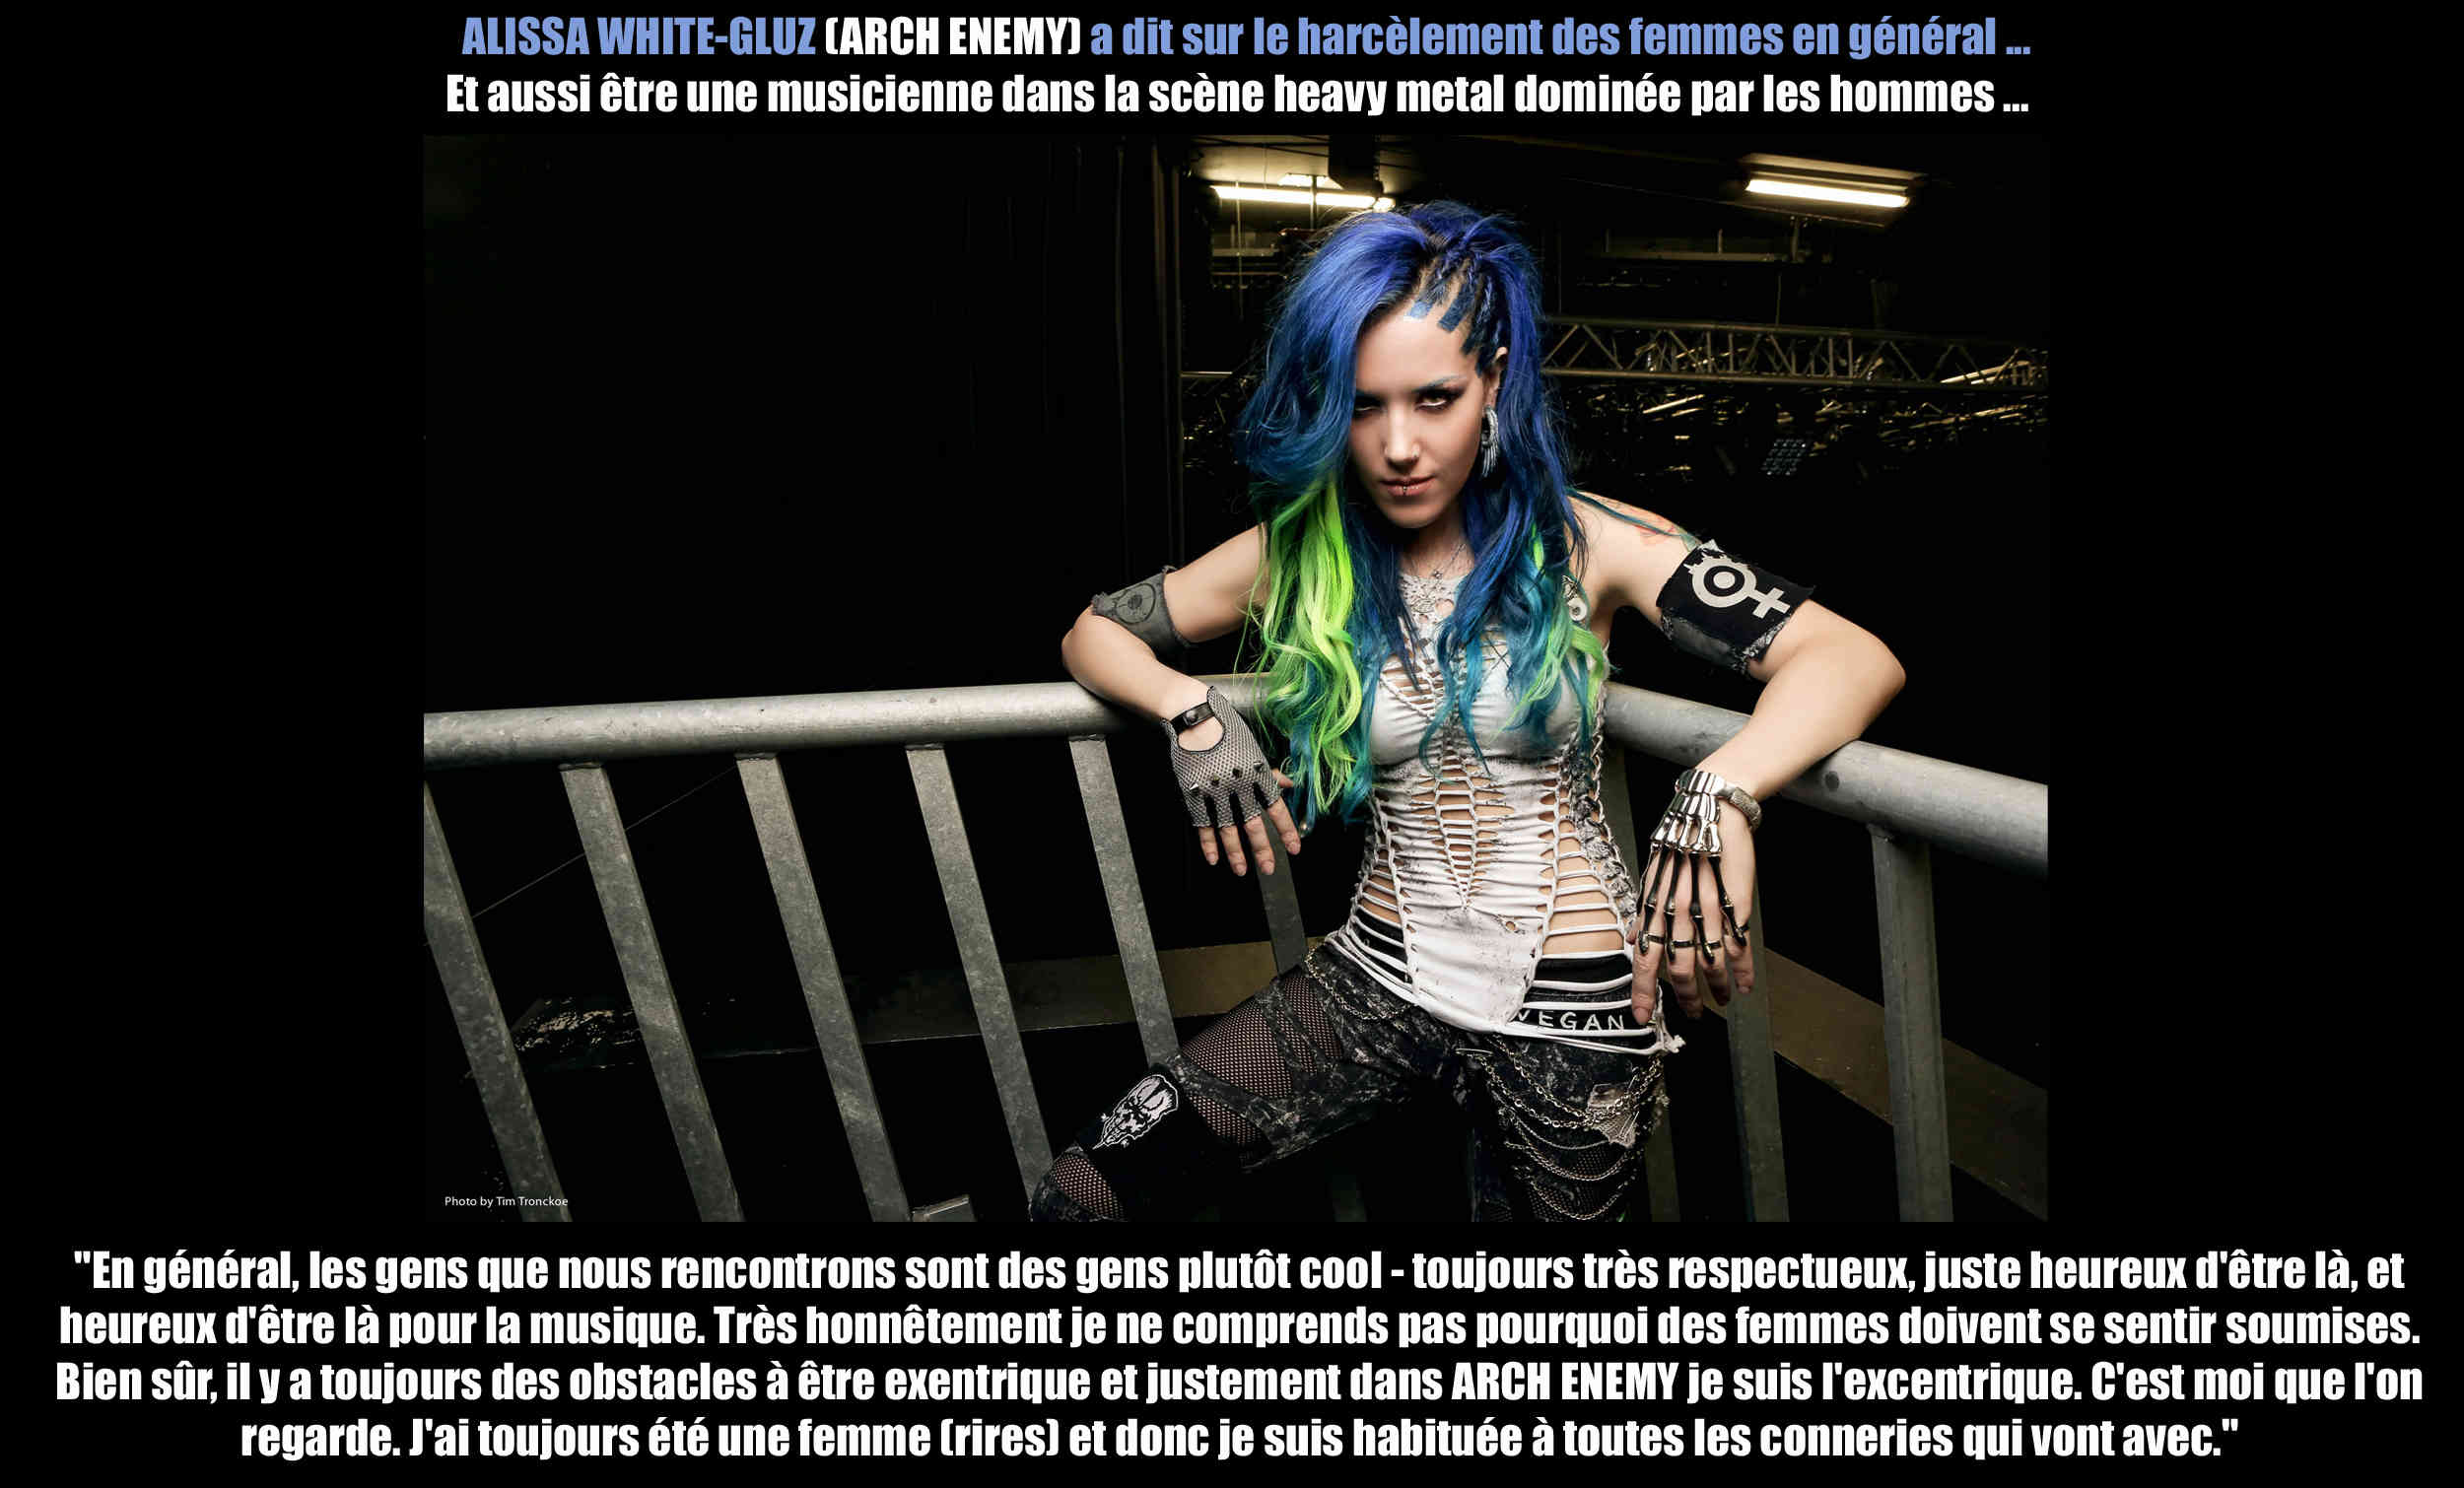 ALISSA WHITE GLUZ (Arch Enemy) a dit ... sur le harcèlement des femmes en général. Alissa13